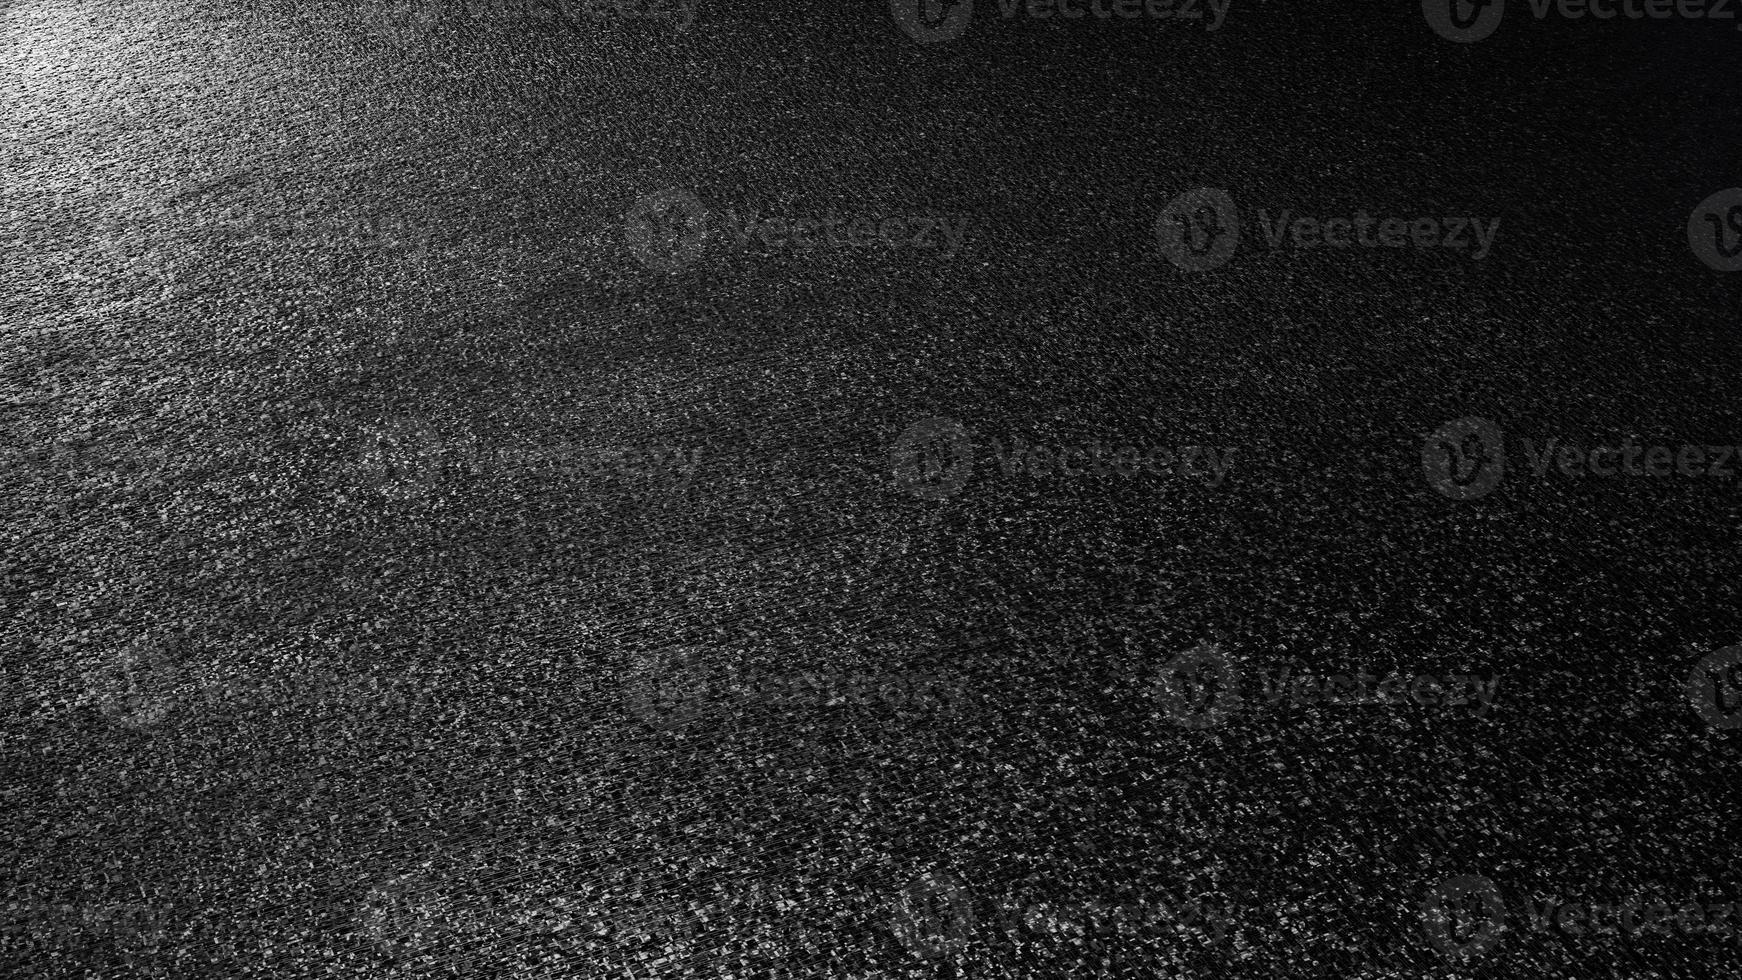 rendu 3d texturé de plastique mat noir et blanc photo